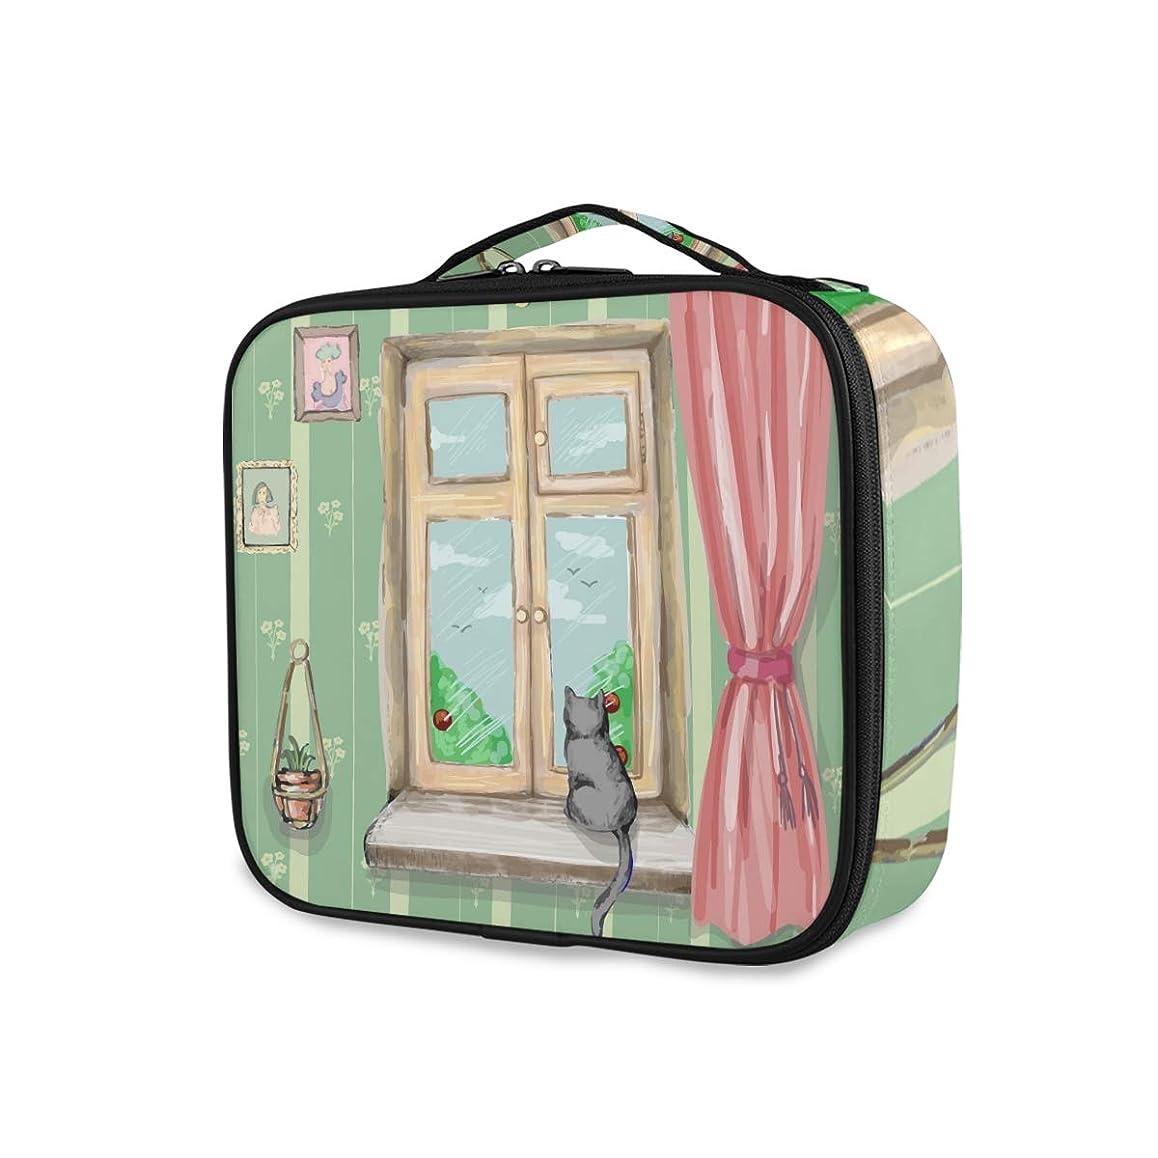 母音砂のインフレーションChovy メイクボックス 大容量 機能的 化粧ポーチ ネコ 猫 猫柄 おもしろ 抽象 绿 グリーン メイクケース 防水 コスメボックス メイクポーチ 仕切り 小物整理 ブラシ入れ付き プロ用 化粧品収納 バッグ 旅行